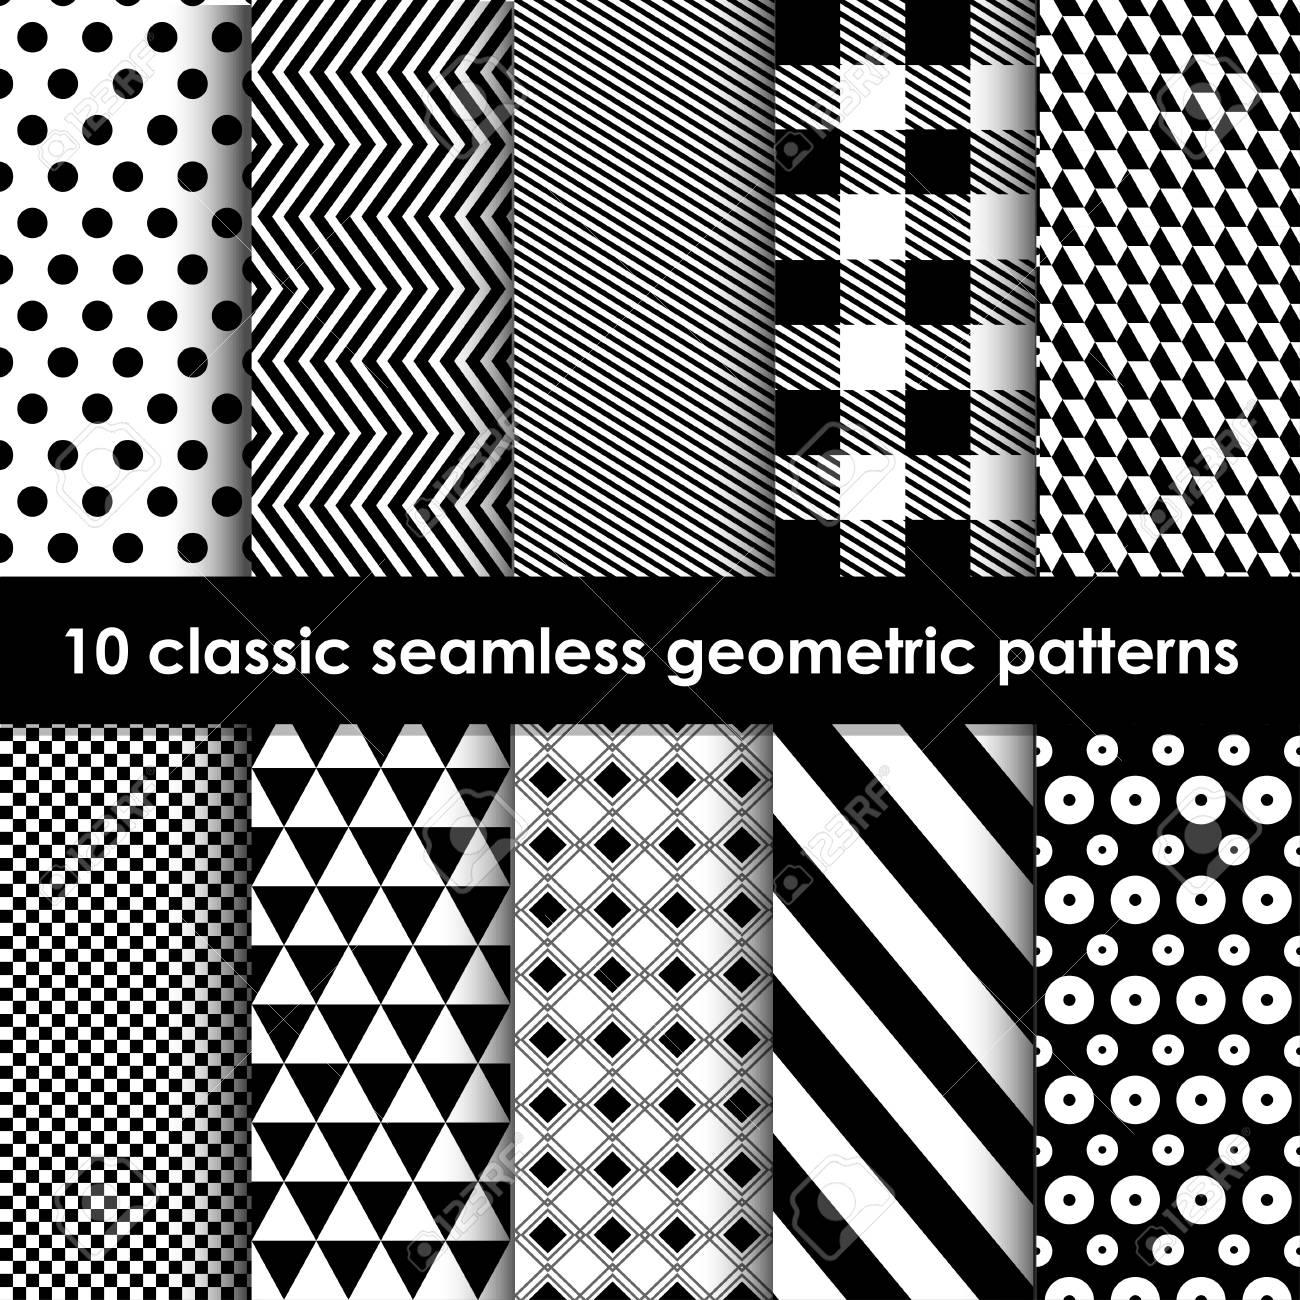 Disegni Geometrici Bianco E Nero motivi geometrici. set di 10 in bianco e nero senza soluzione di modelli  classici. può essere utilizzato come sfondo, sfondo, carta di invito, ecc